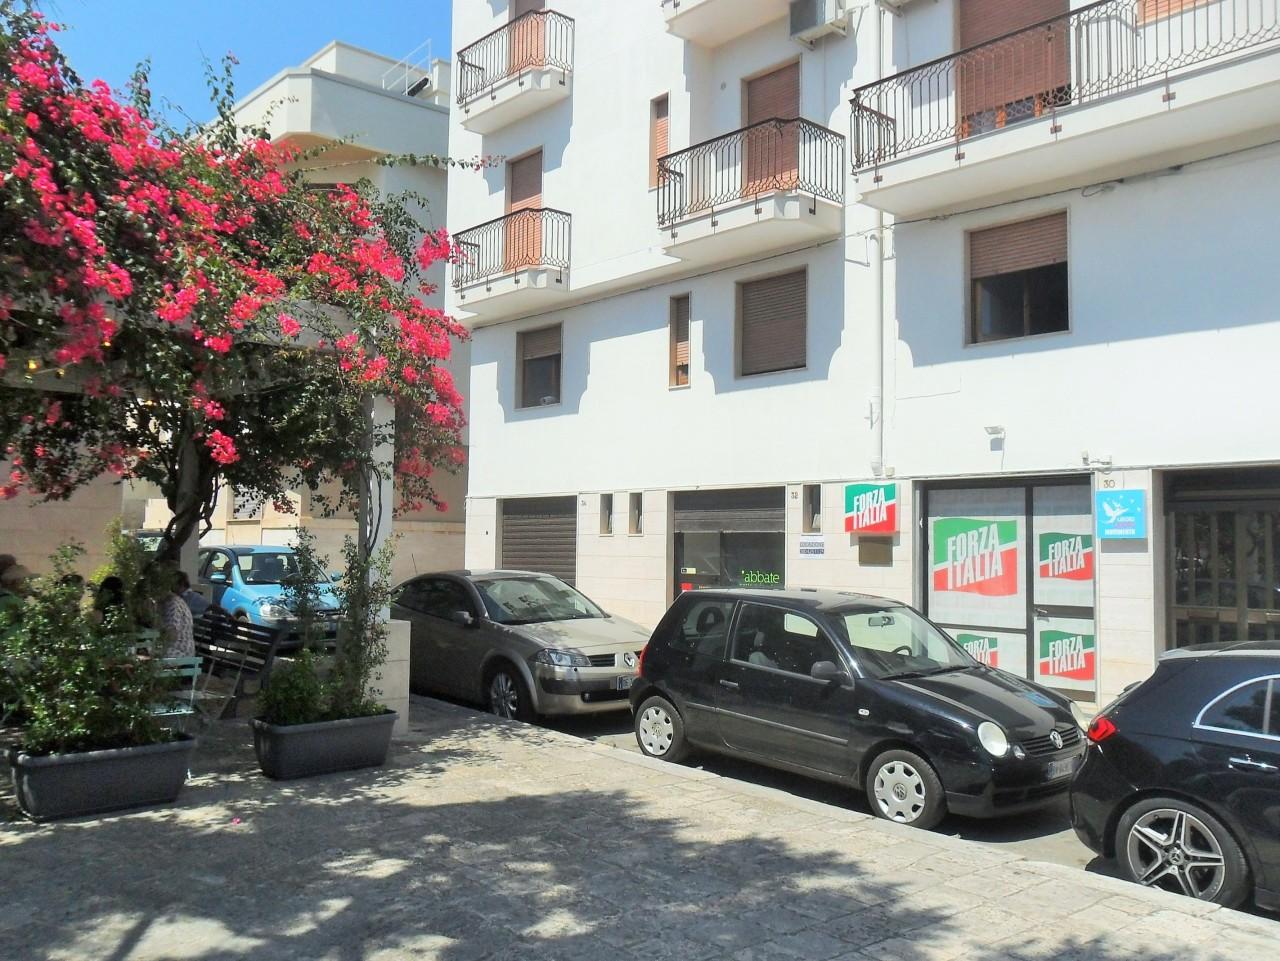 Locale commerciale - 2 Vetrine a Polignano a Mare Rif. 10748877